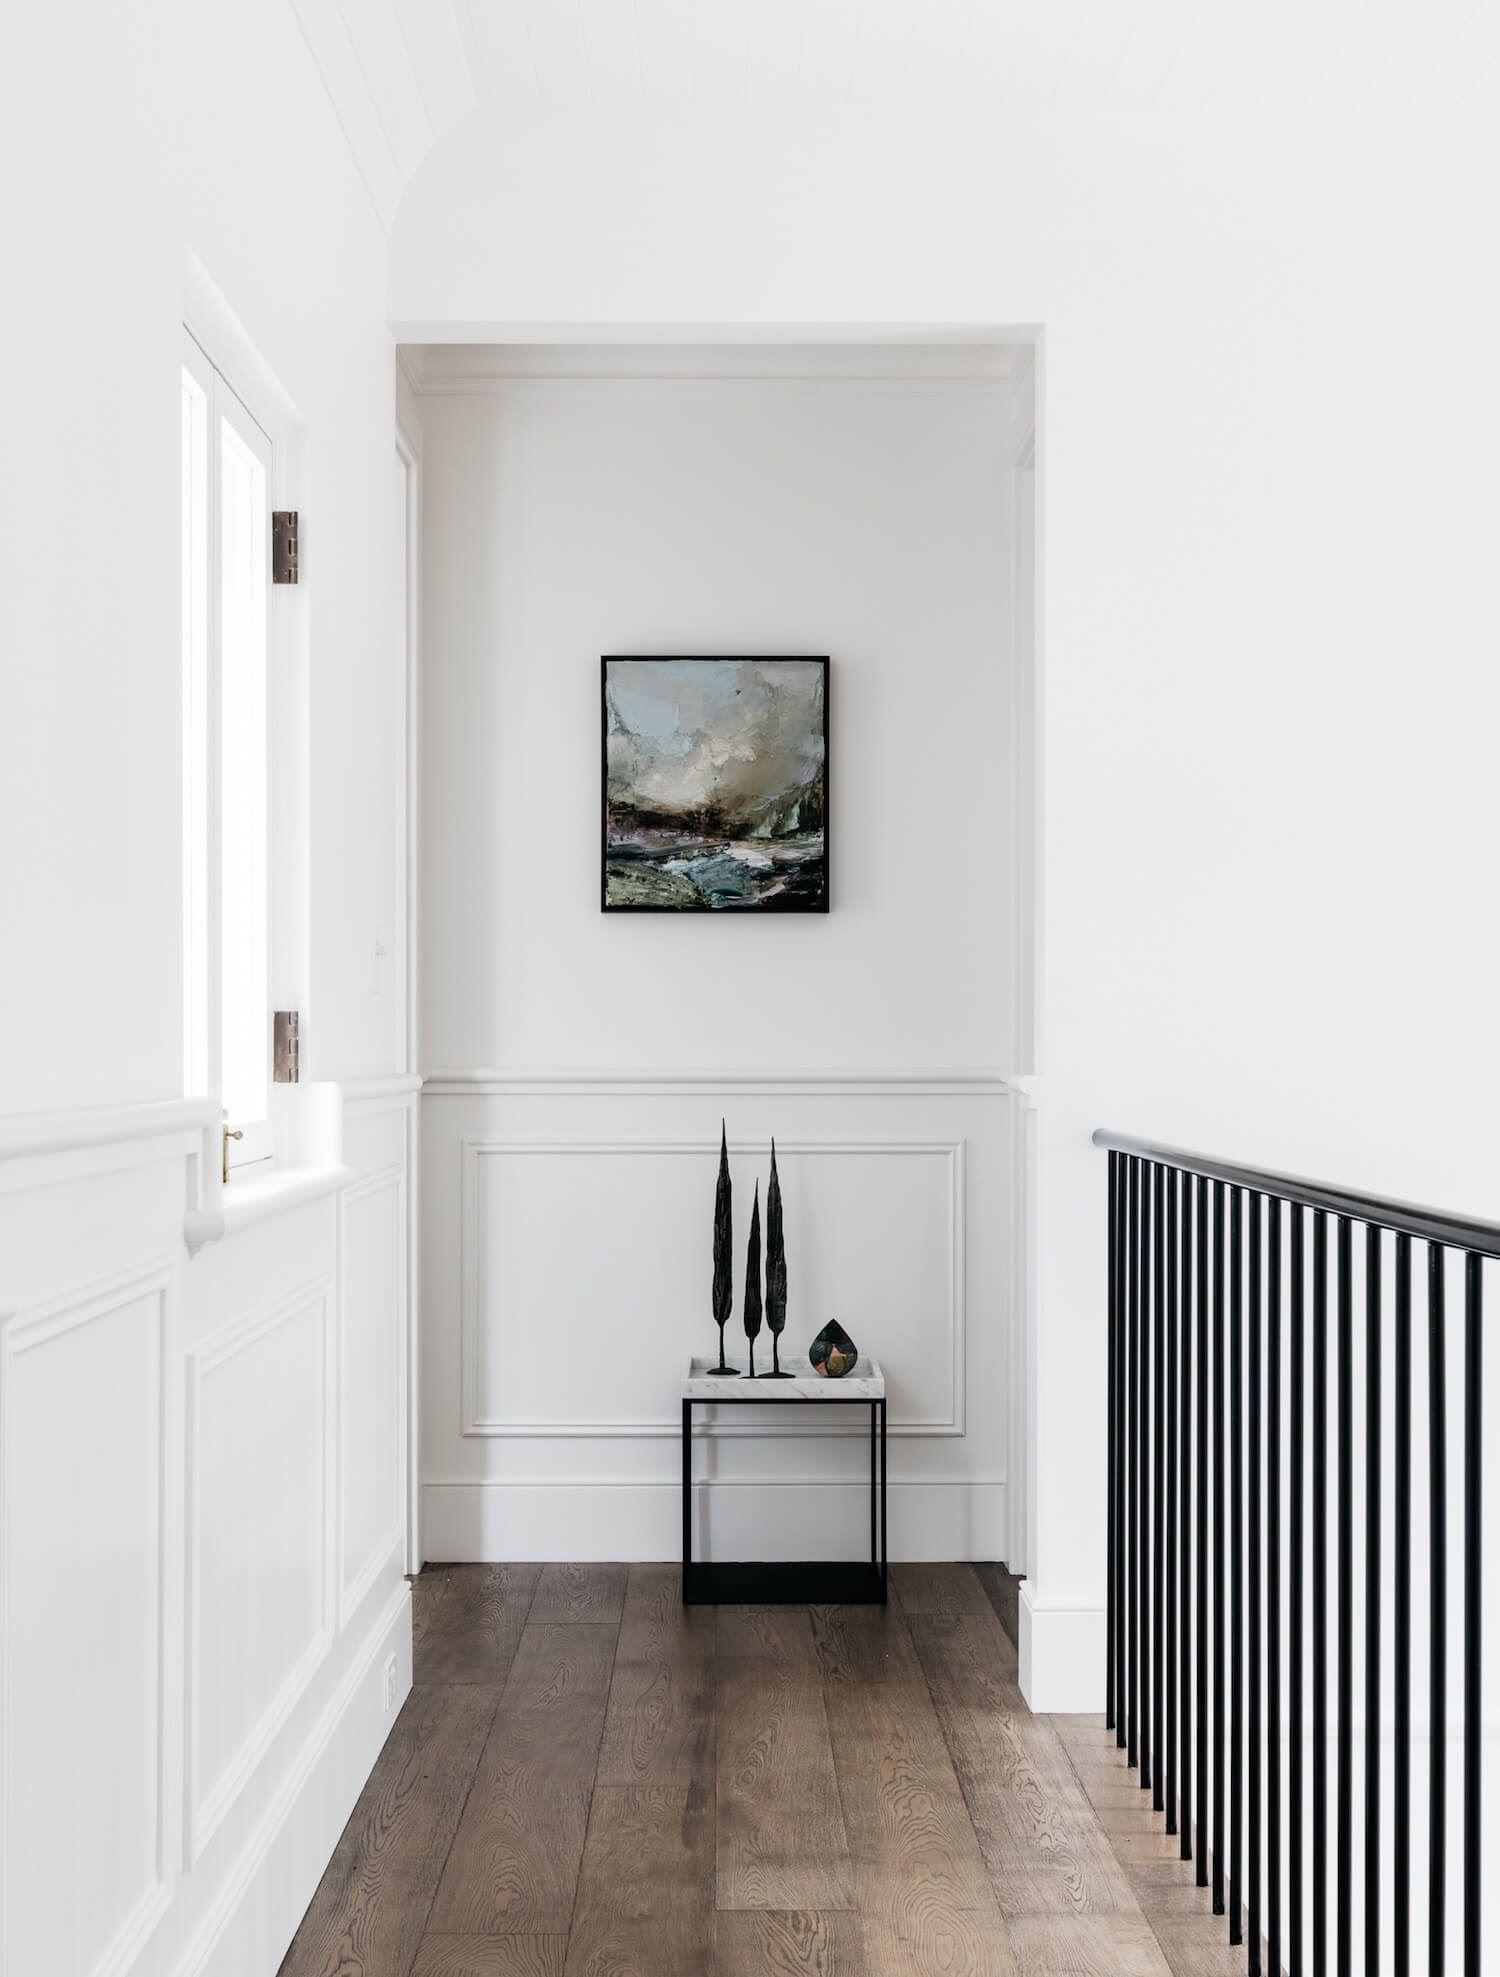 Espacio de pasillo decoración de interiores de estilo francés minimalista